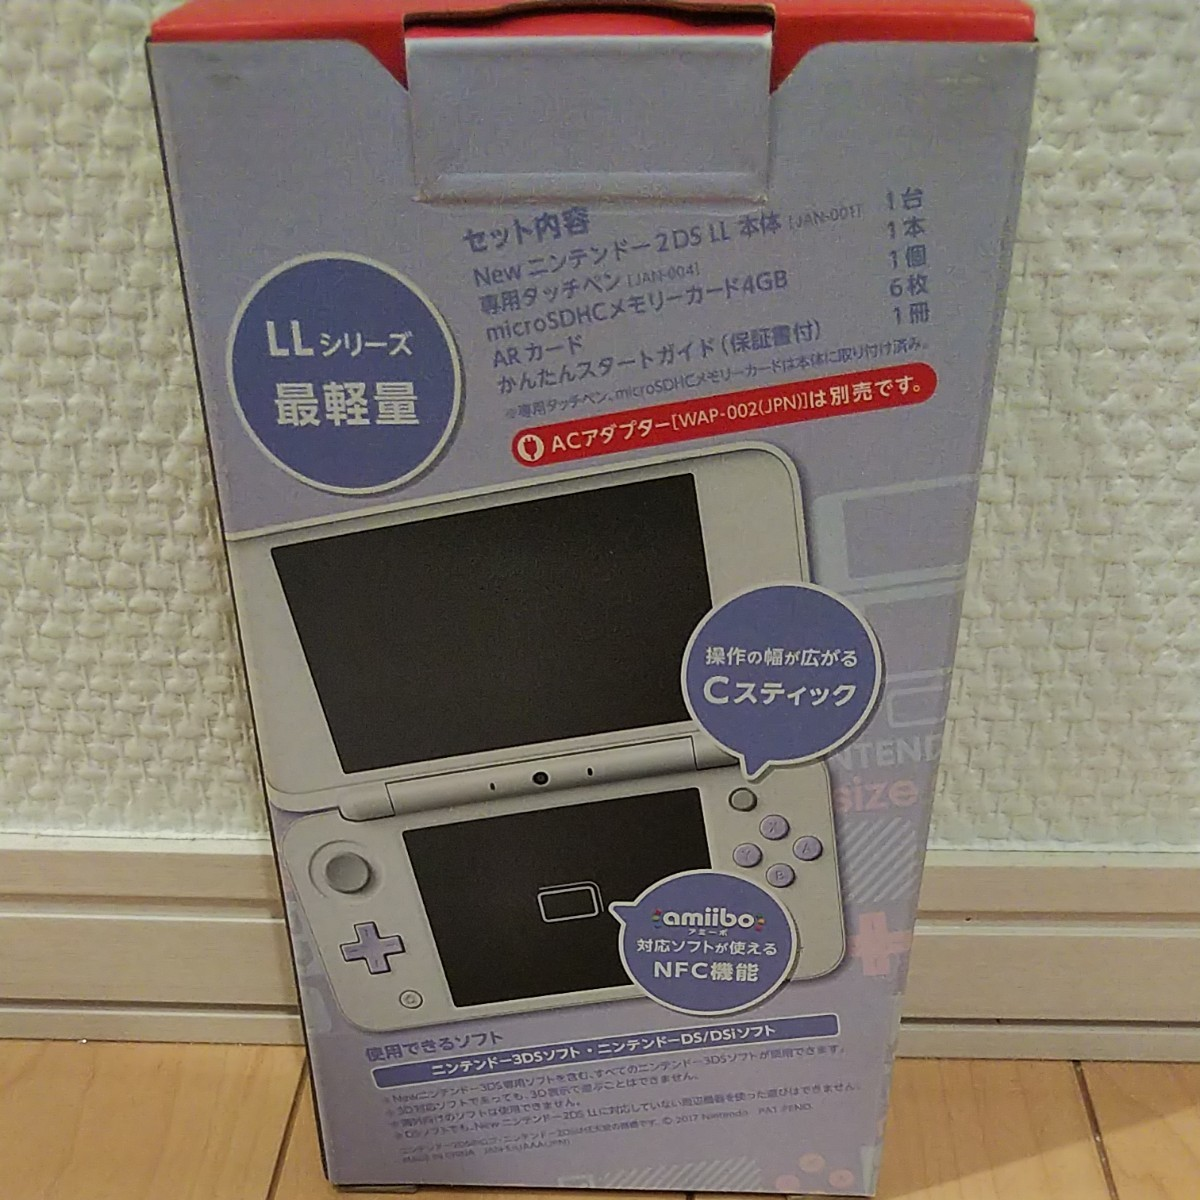 ニンテンドー2DS LL Nintendo 本体 ホワイト×ラベンダー ホワイトラベンダー 新品未使用